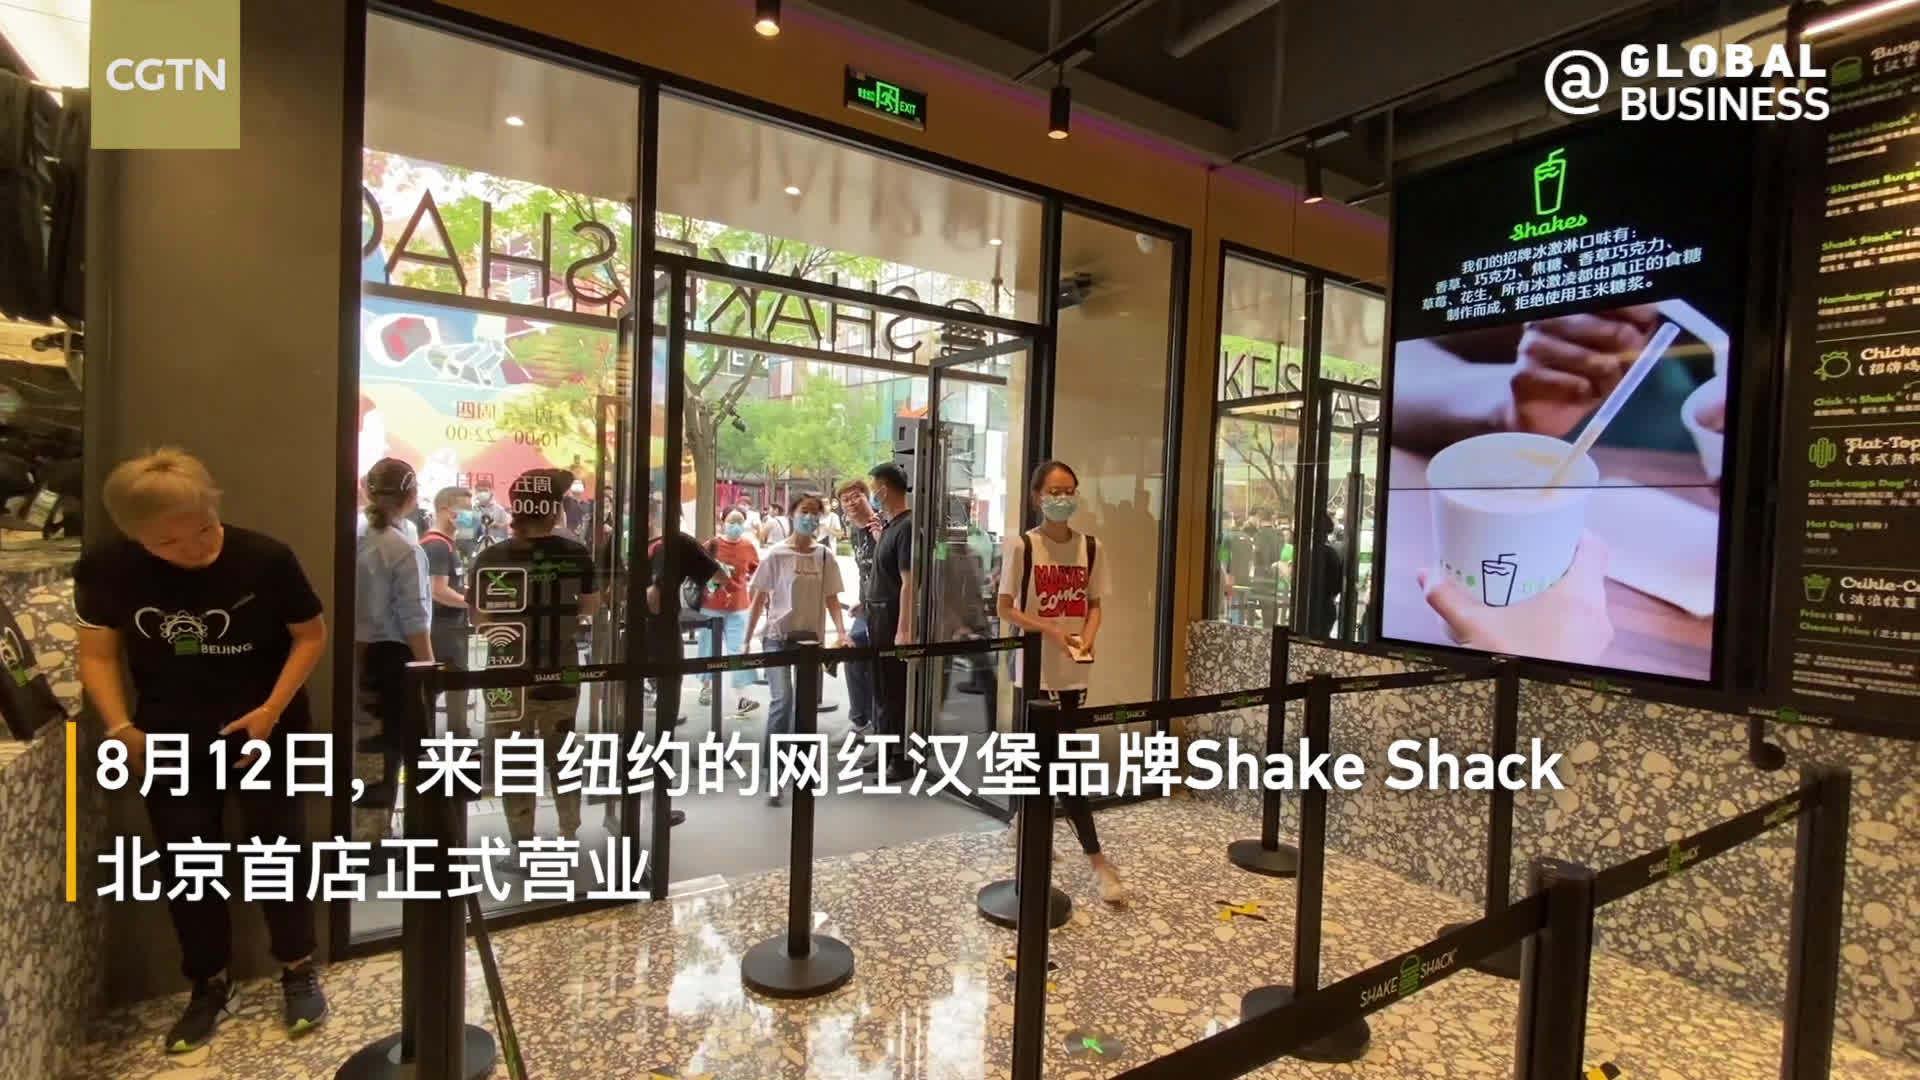 纽约网红汉堡店Shake Shack来北京了!网红餐饮你会pick吗?